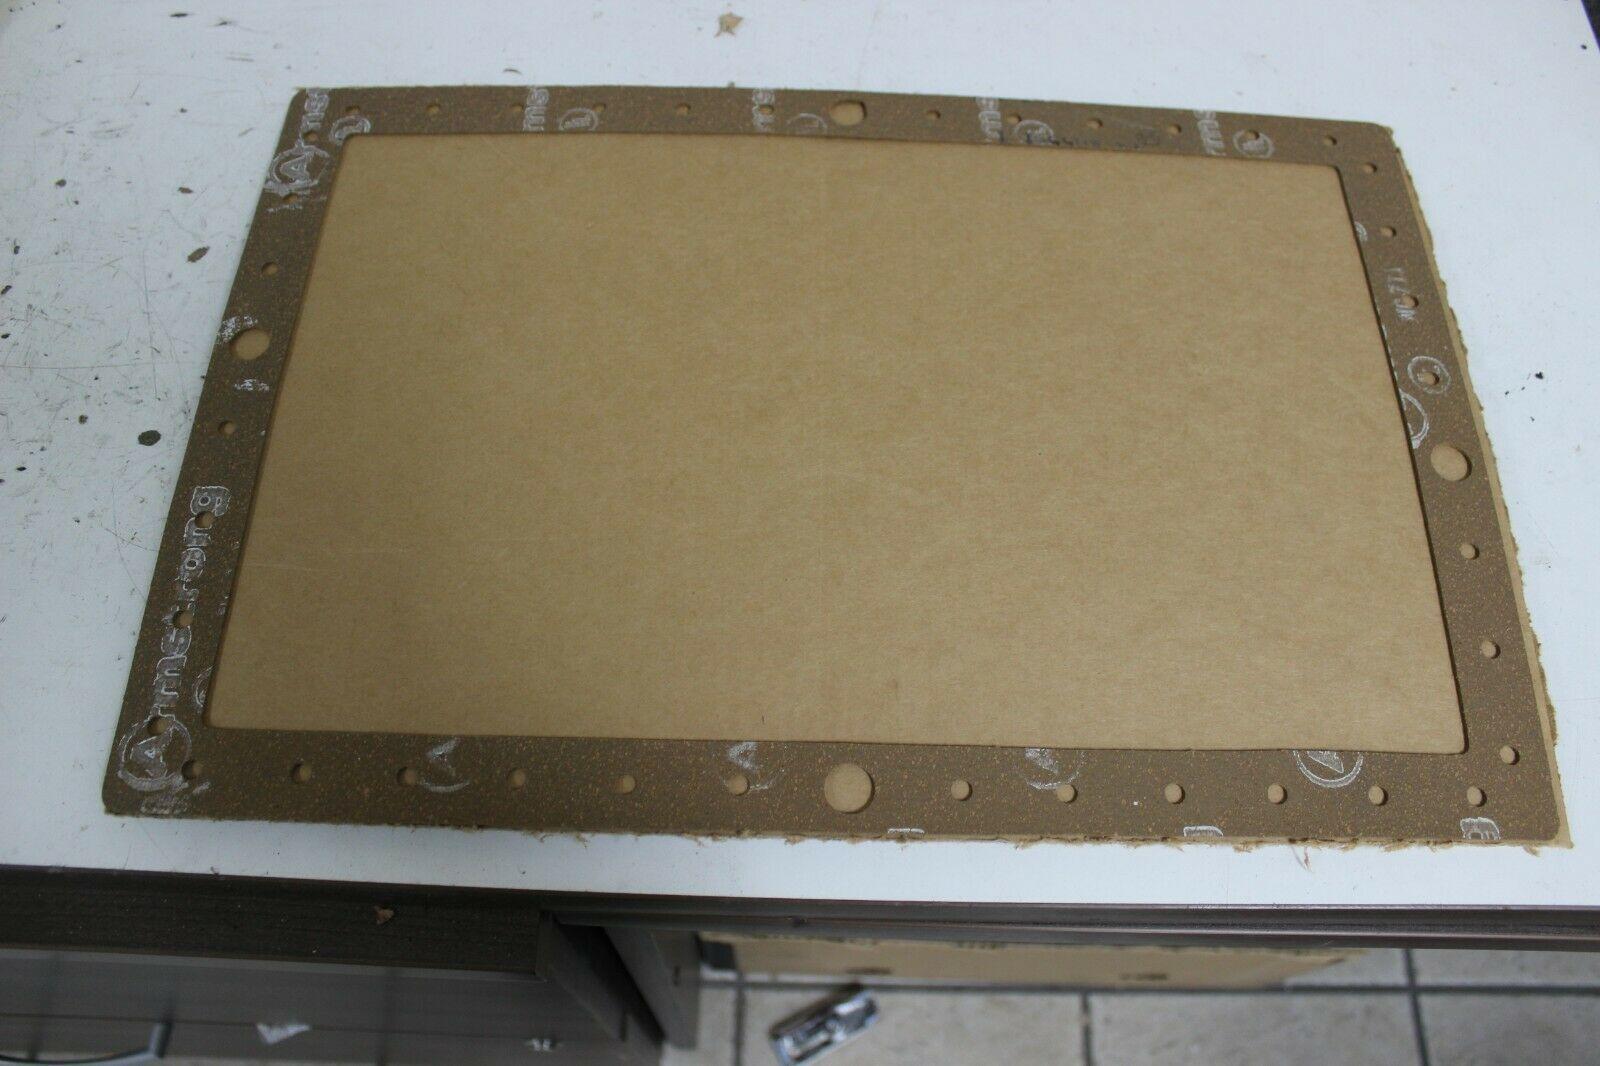 Vought CV15-405551-1 Gasket New